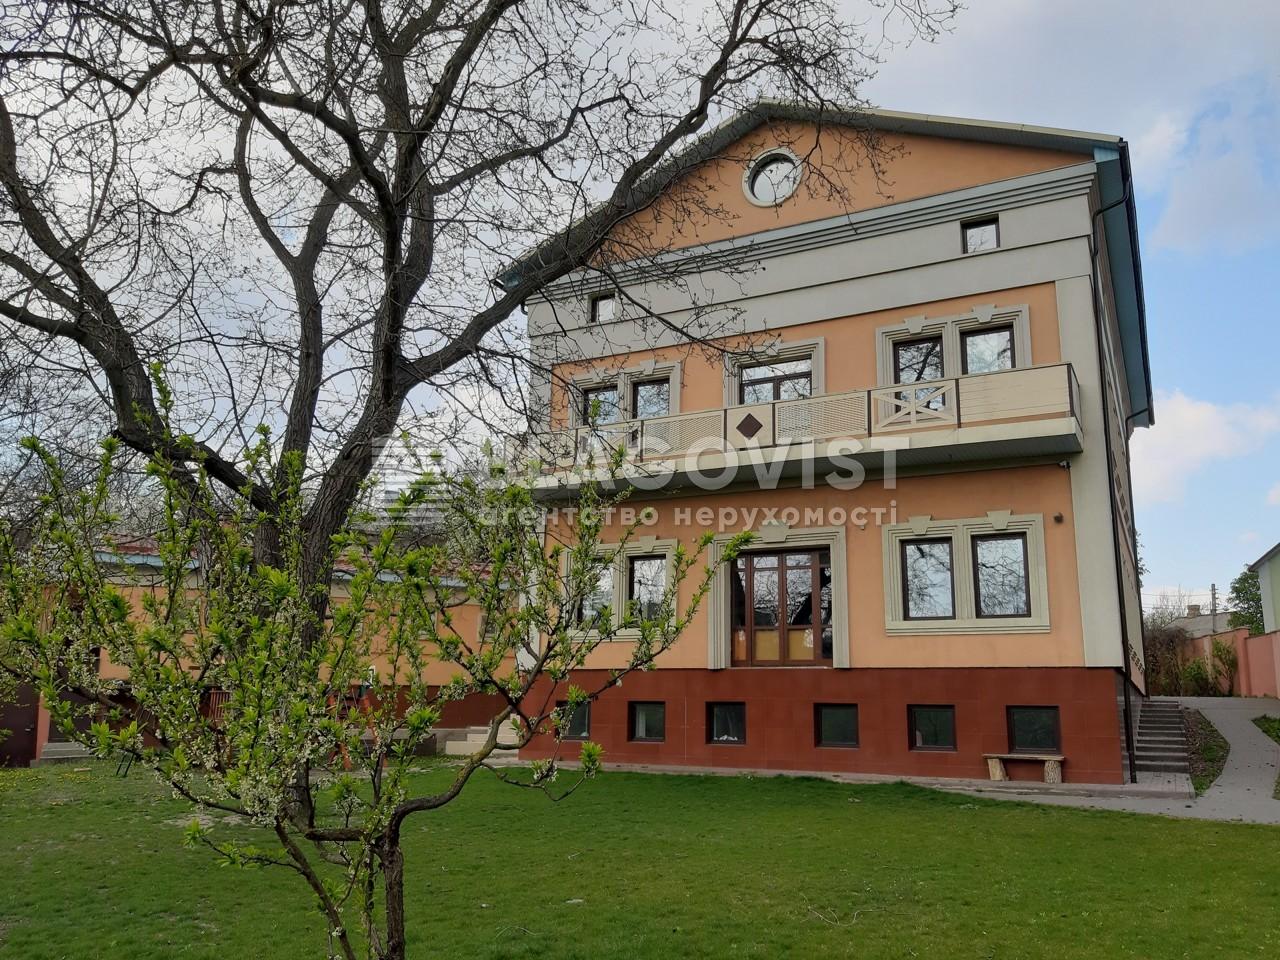 Будинок R-40483, Монтажників, Київ - Фото 2